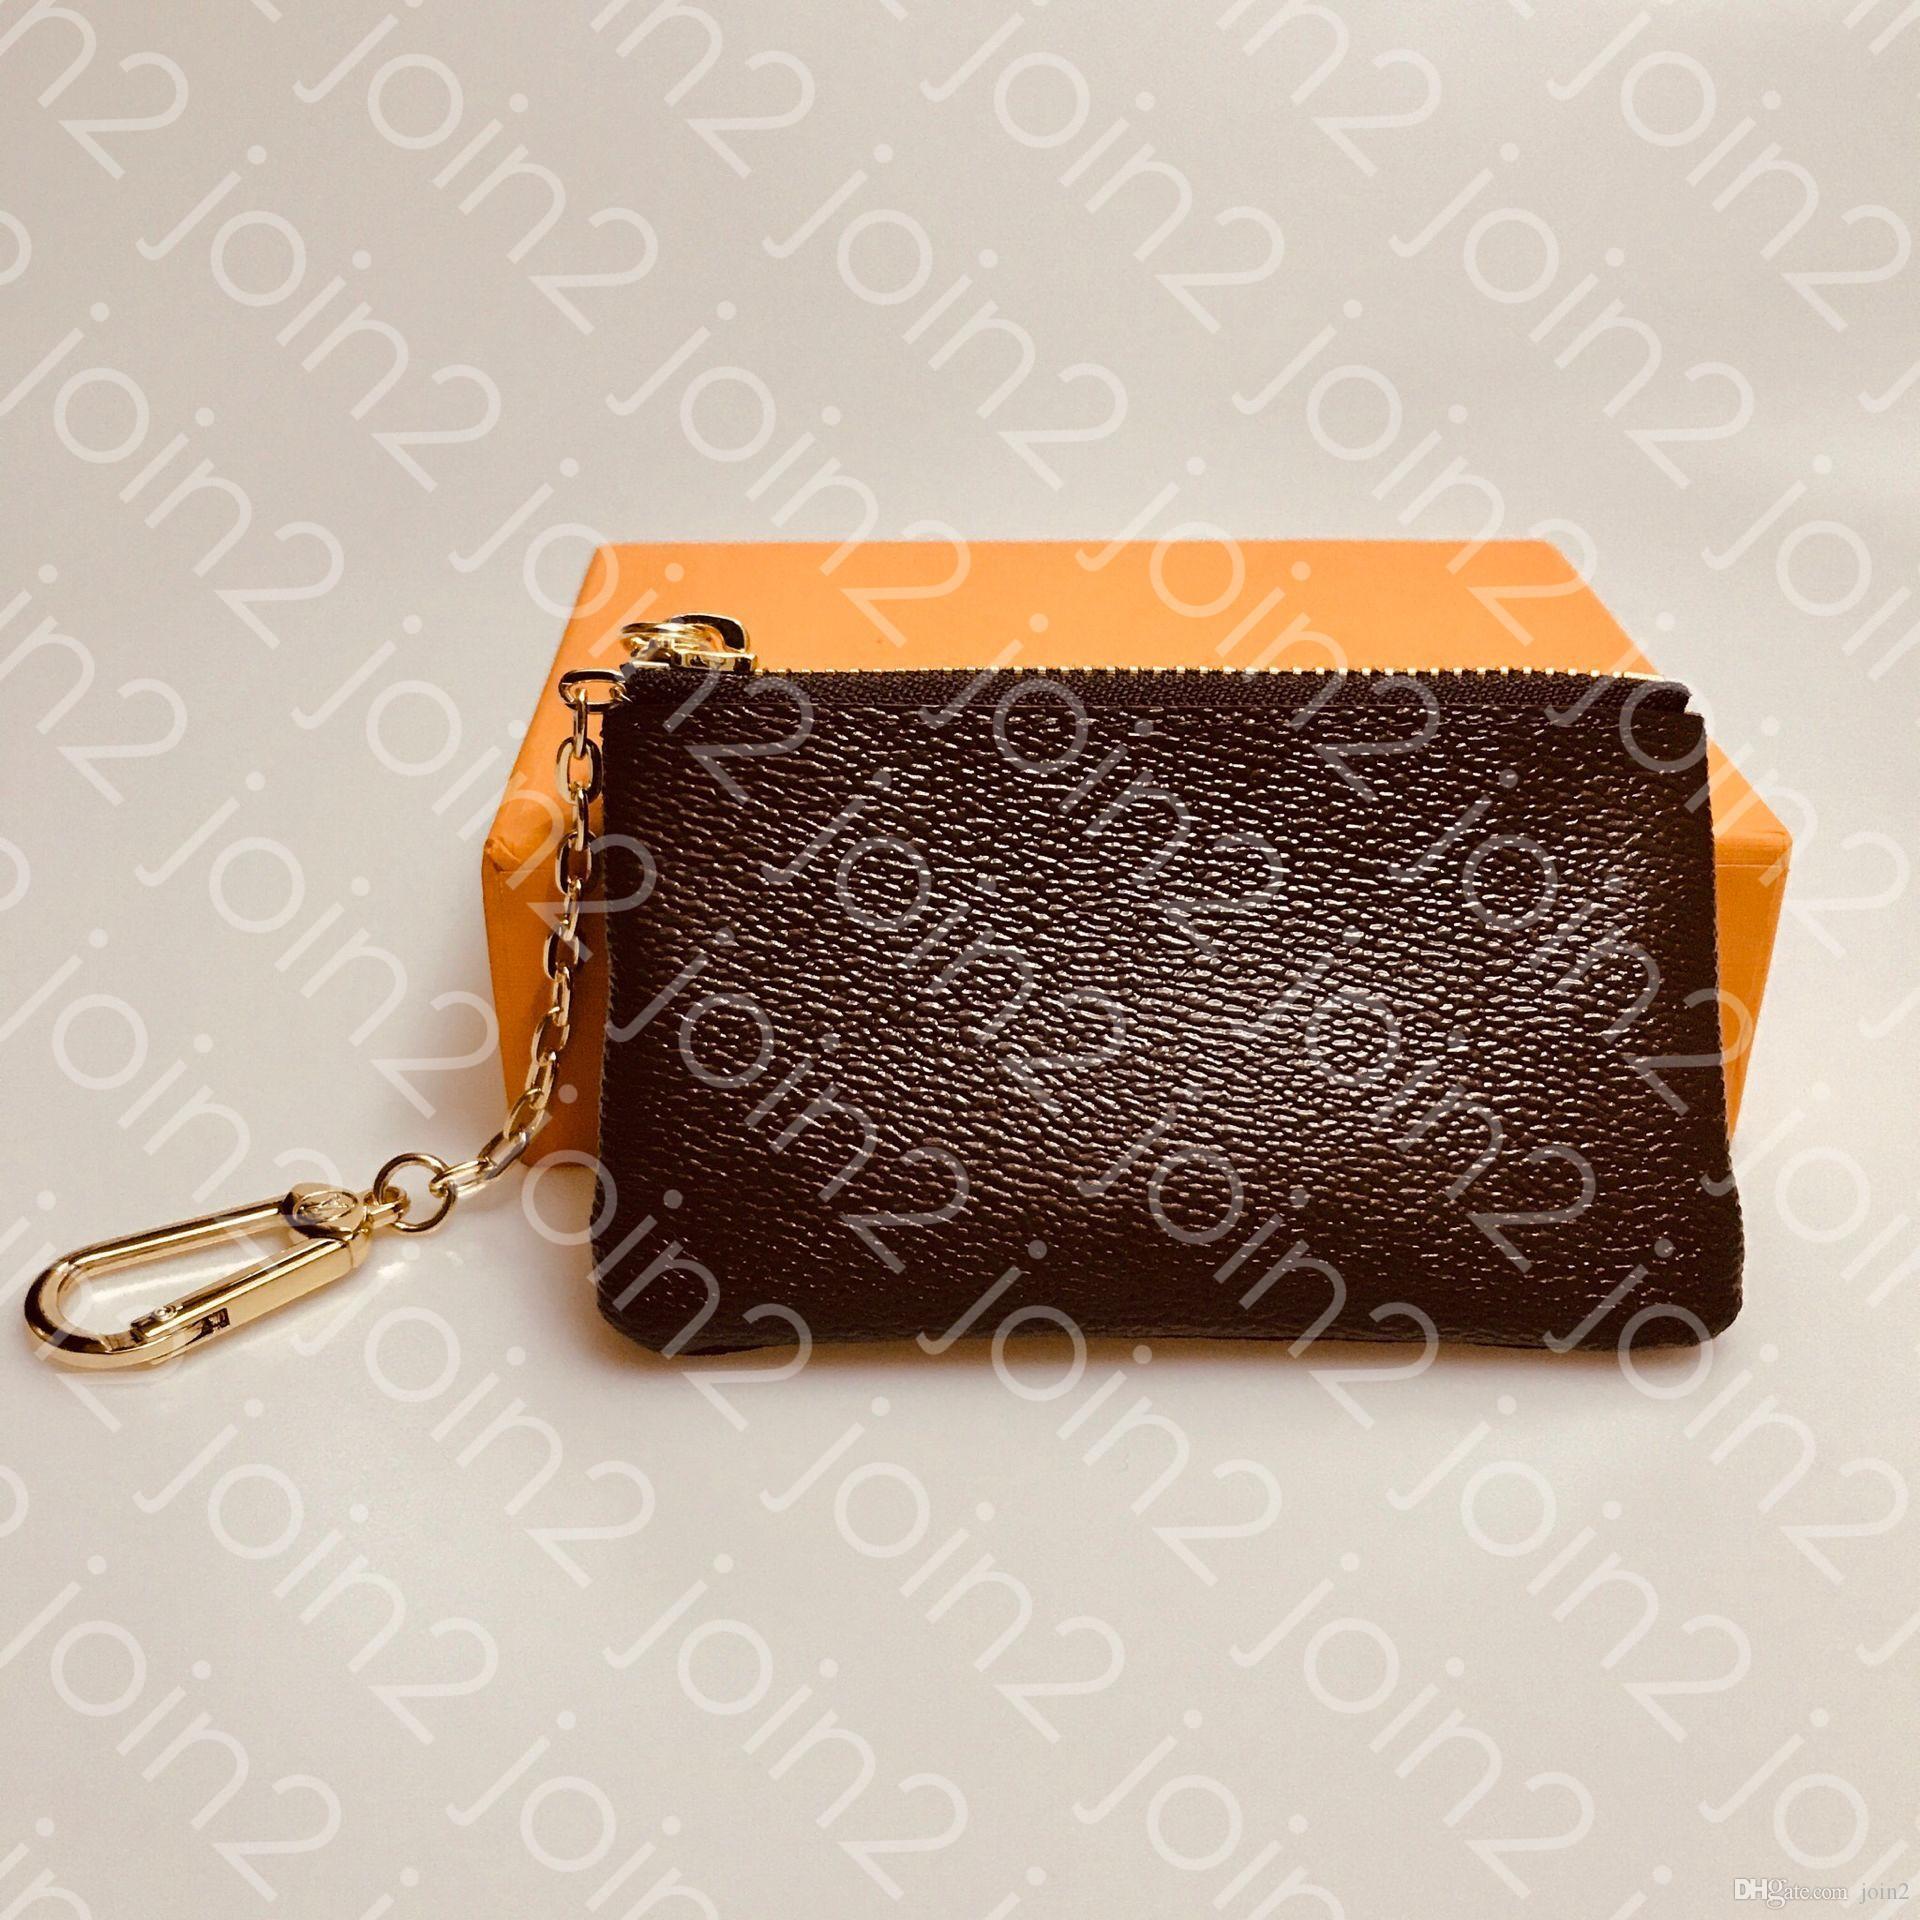 KEY SACHET M62650 POCHETTE Fashion Designer CLES des femmes des hommes clés de crédit de la carte Porte-monnaie luxe Mini Wallet Sac Charm Brown Toile